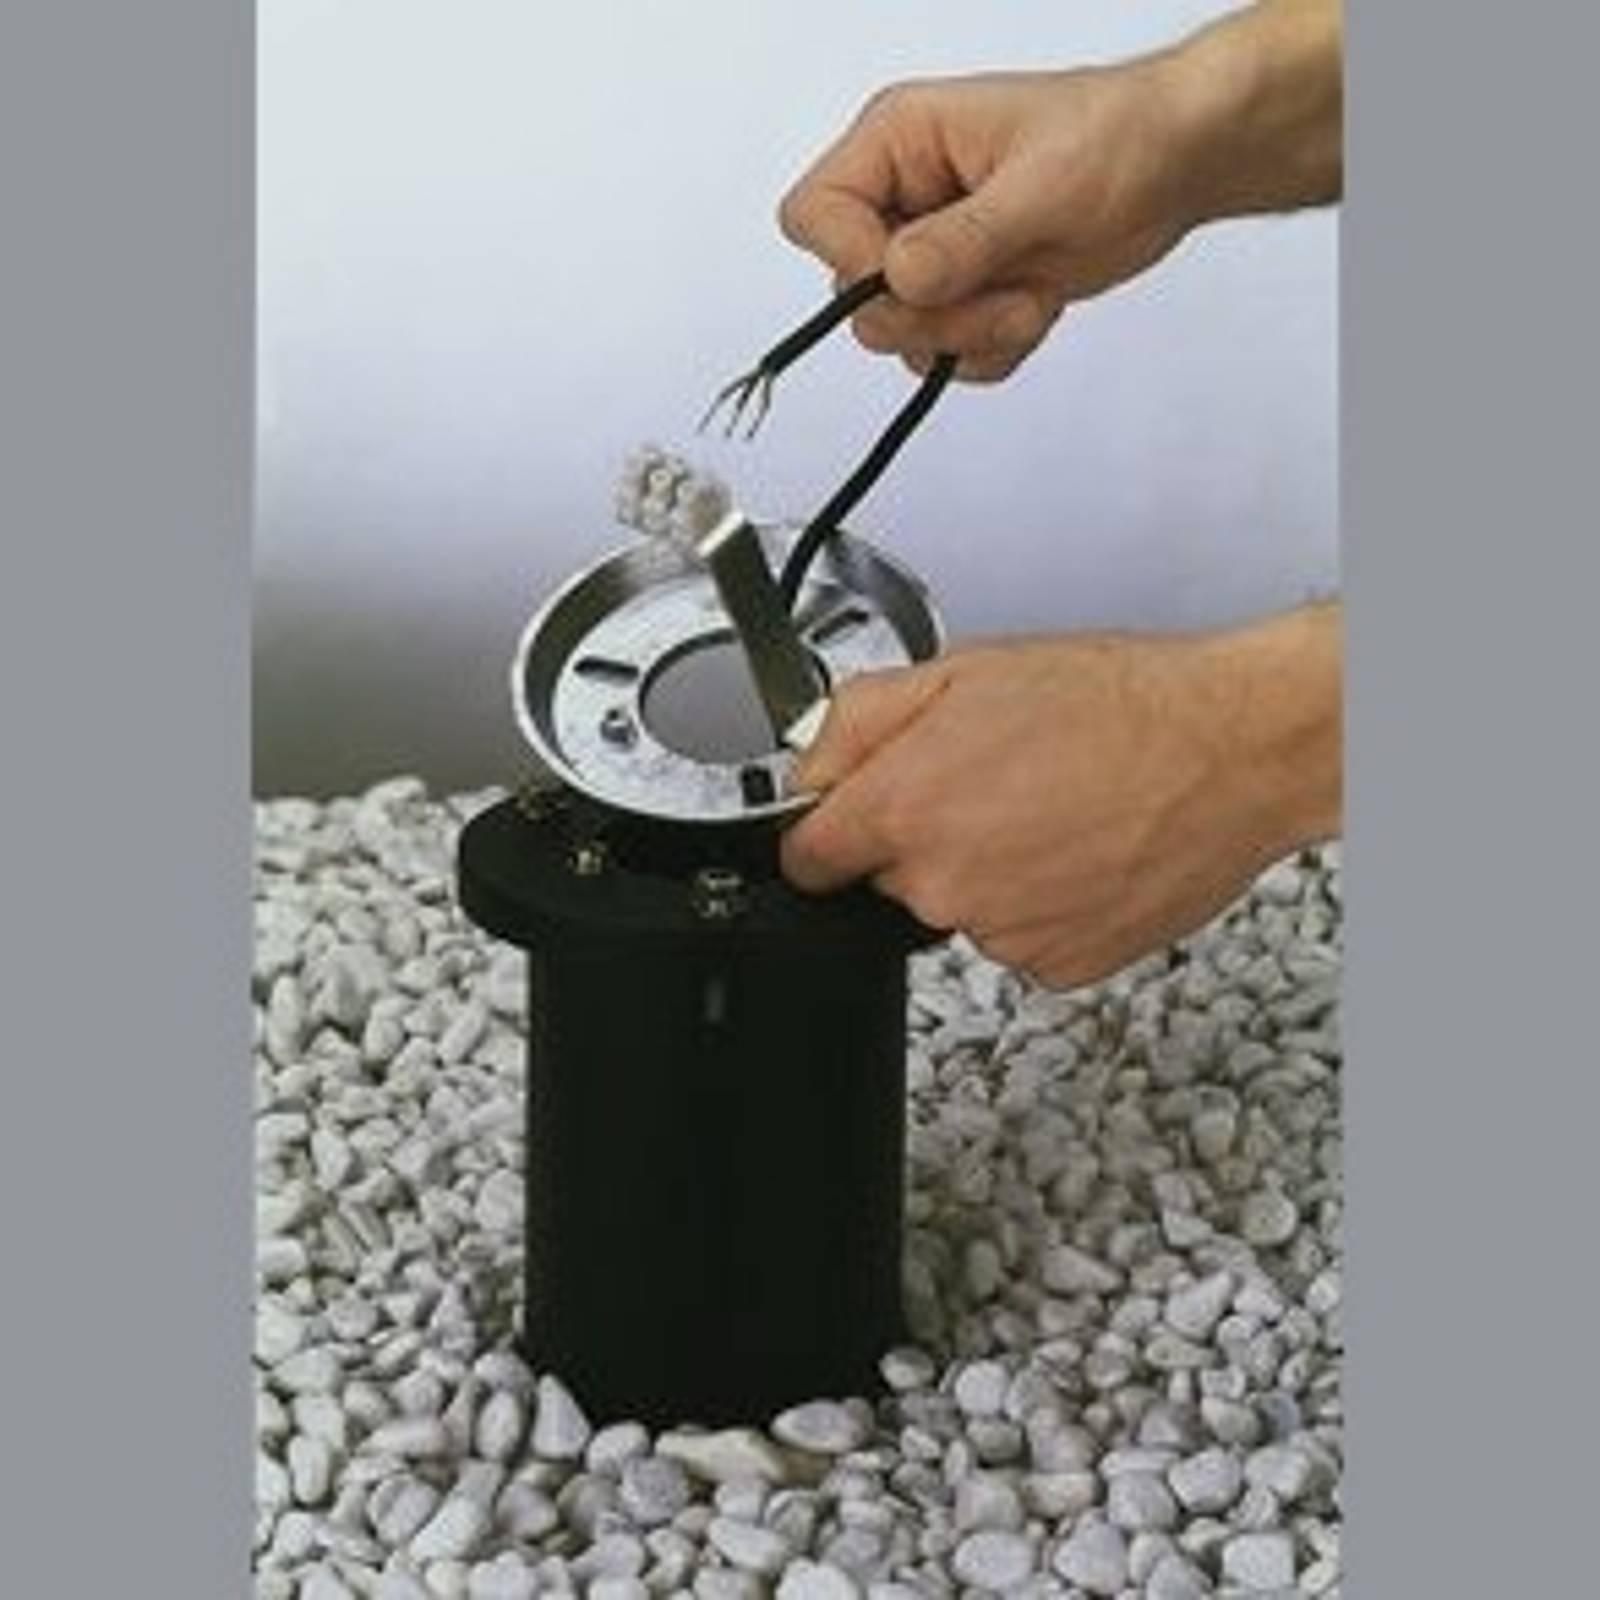 Asennusjalusta alumiinivalua, asennussyvyys 50 cm